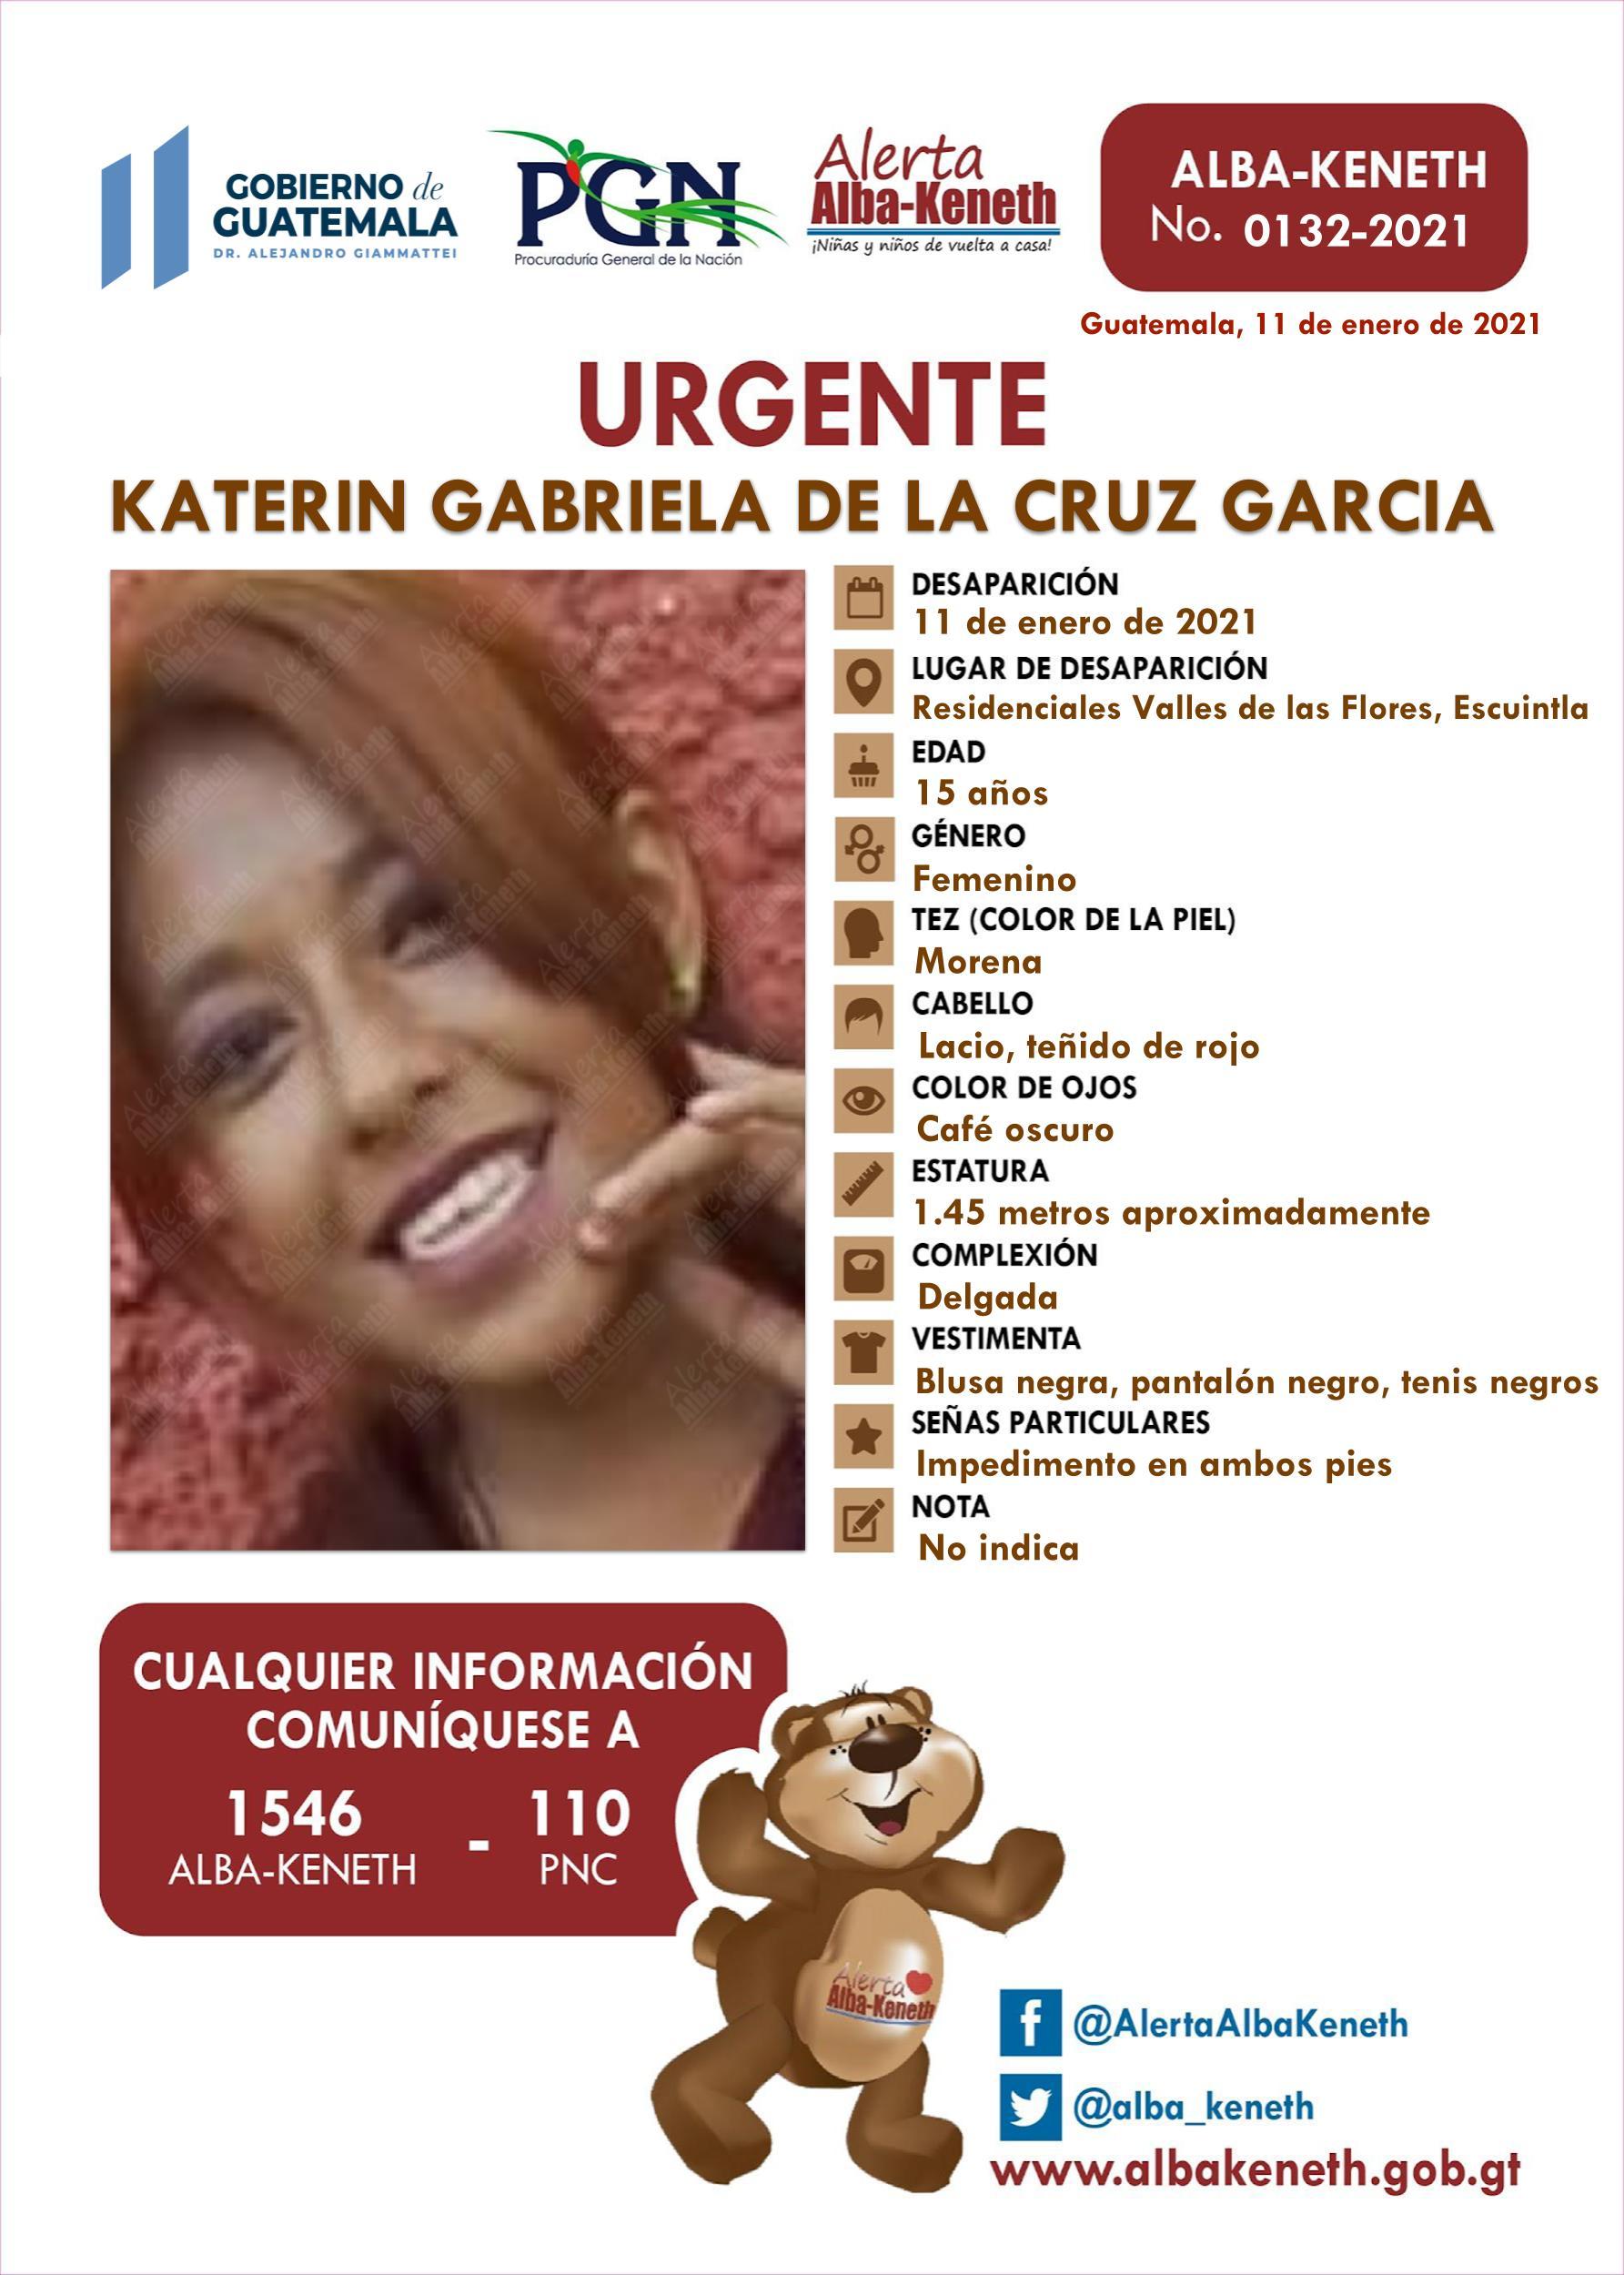 Katerin Gabriela de la Cruz Garcia